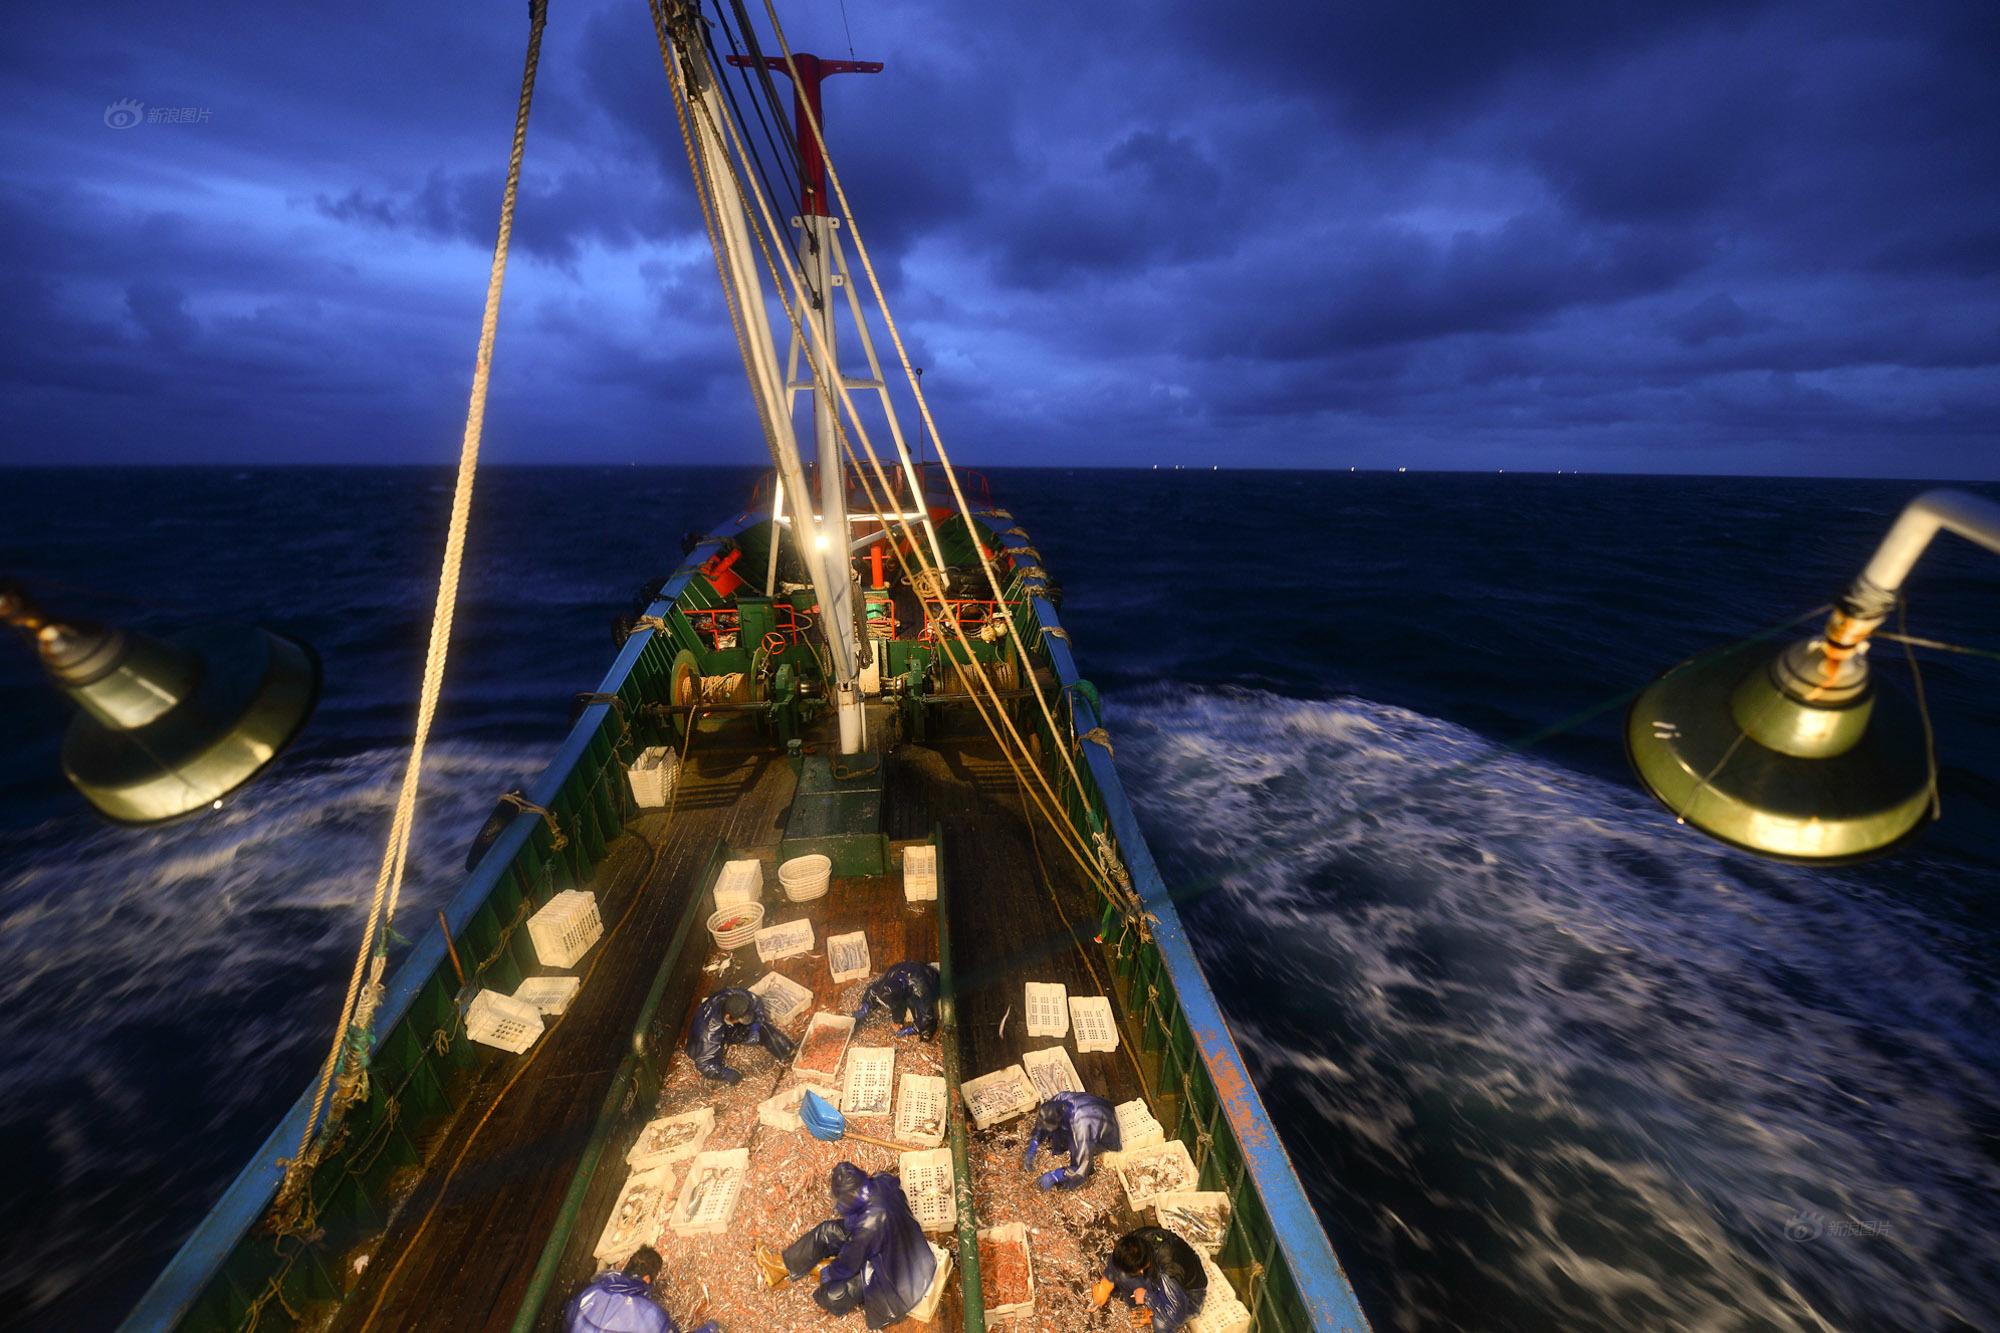 图/文 李颀拯   东海开渔后,从2014年9月16日到10月25日,罗胜概驾渔船从浙江石浦港出发,共出海4趟,作业31天。航程约6700海里,捕鱼102吨,获利约29万元。但罗船长粗粗一算,扣去航行柴油费26.3万,人工工资8.5万,还没算其他费用,这一个月就已经亏了5.8万。   在卸渔获的码头上,罗胜概夹在船员中,一边搬运,一边不停地催着工人们快点,快点他要趁着这几日的风平浪静,赶下一个航程,多下几网。   今年45岁的罗胜概,已从事远洋捕捞26年。从机电技校毕业后,他就上渔船跟着船老大学开船